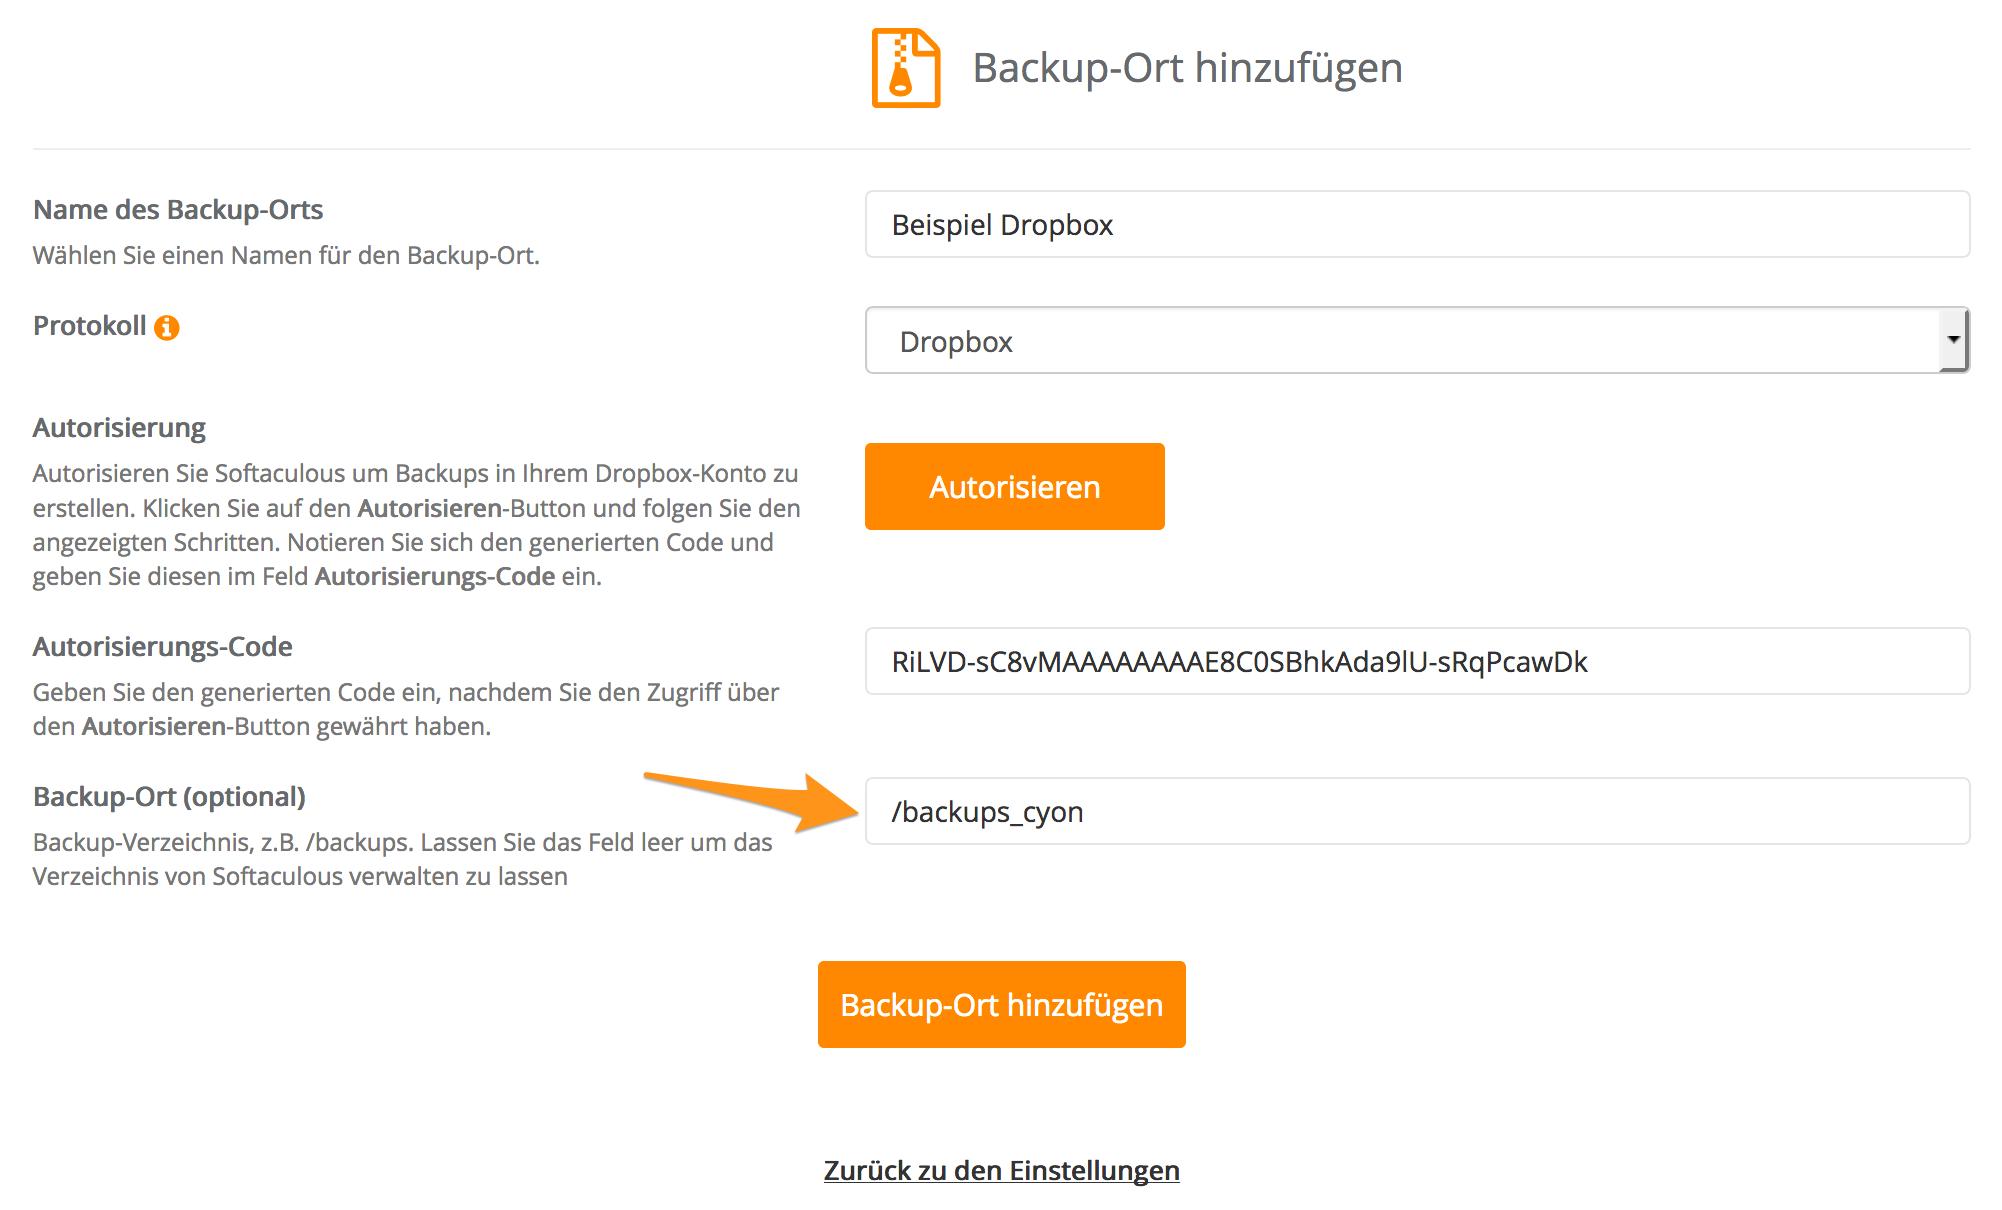 Backup-Ort auf Dropbox hinzufügen